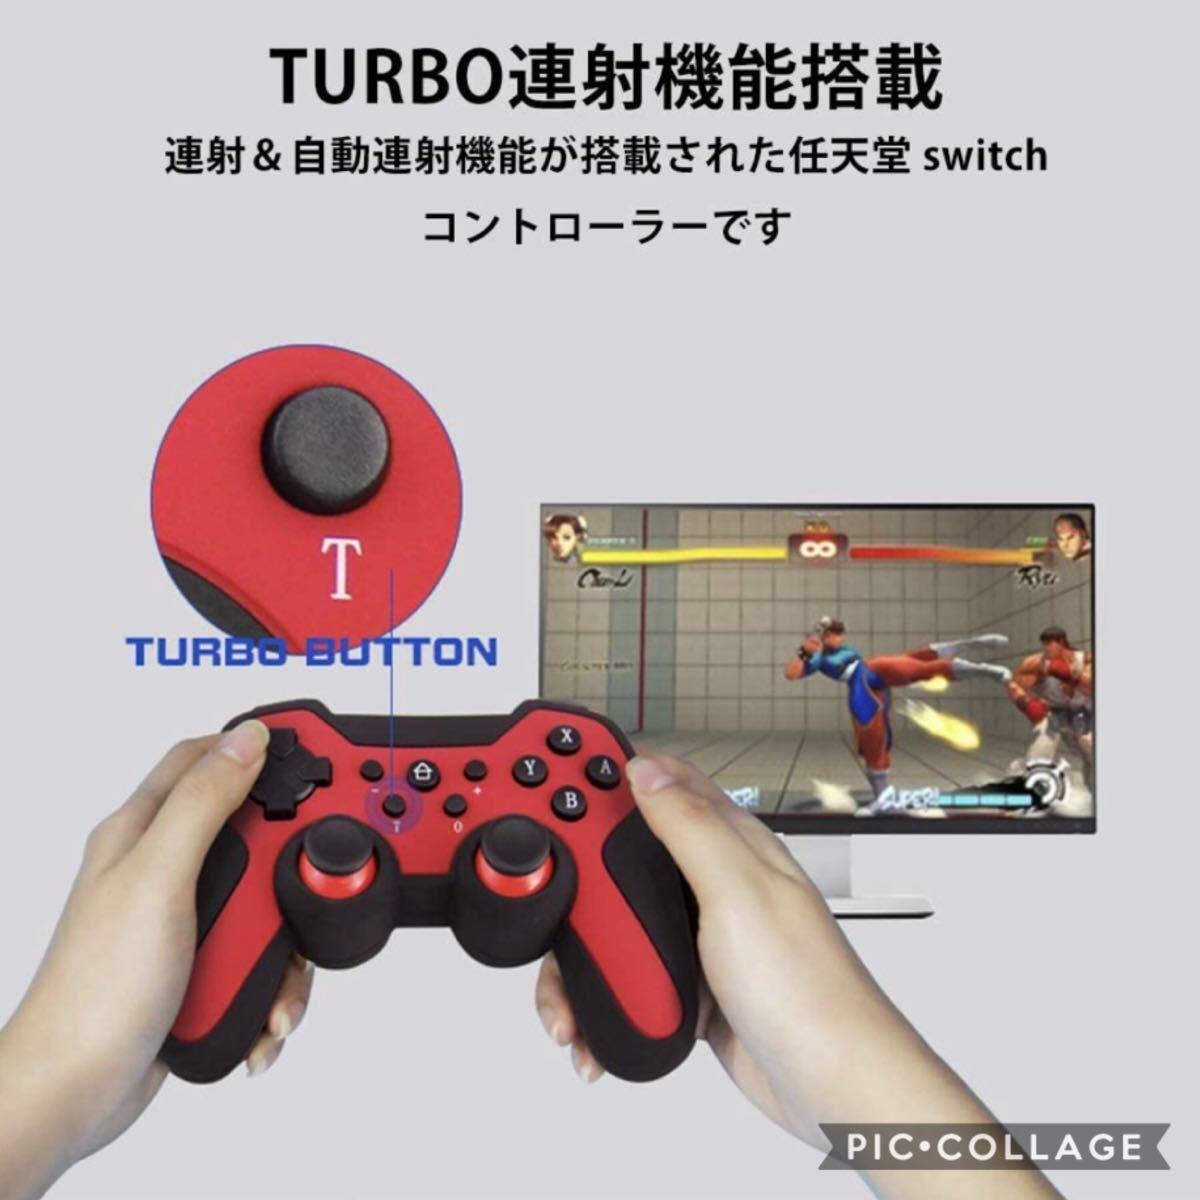 ワイヤレスBluetooth Nintendo Switch  ジャイロセンサー